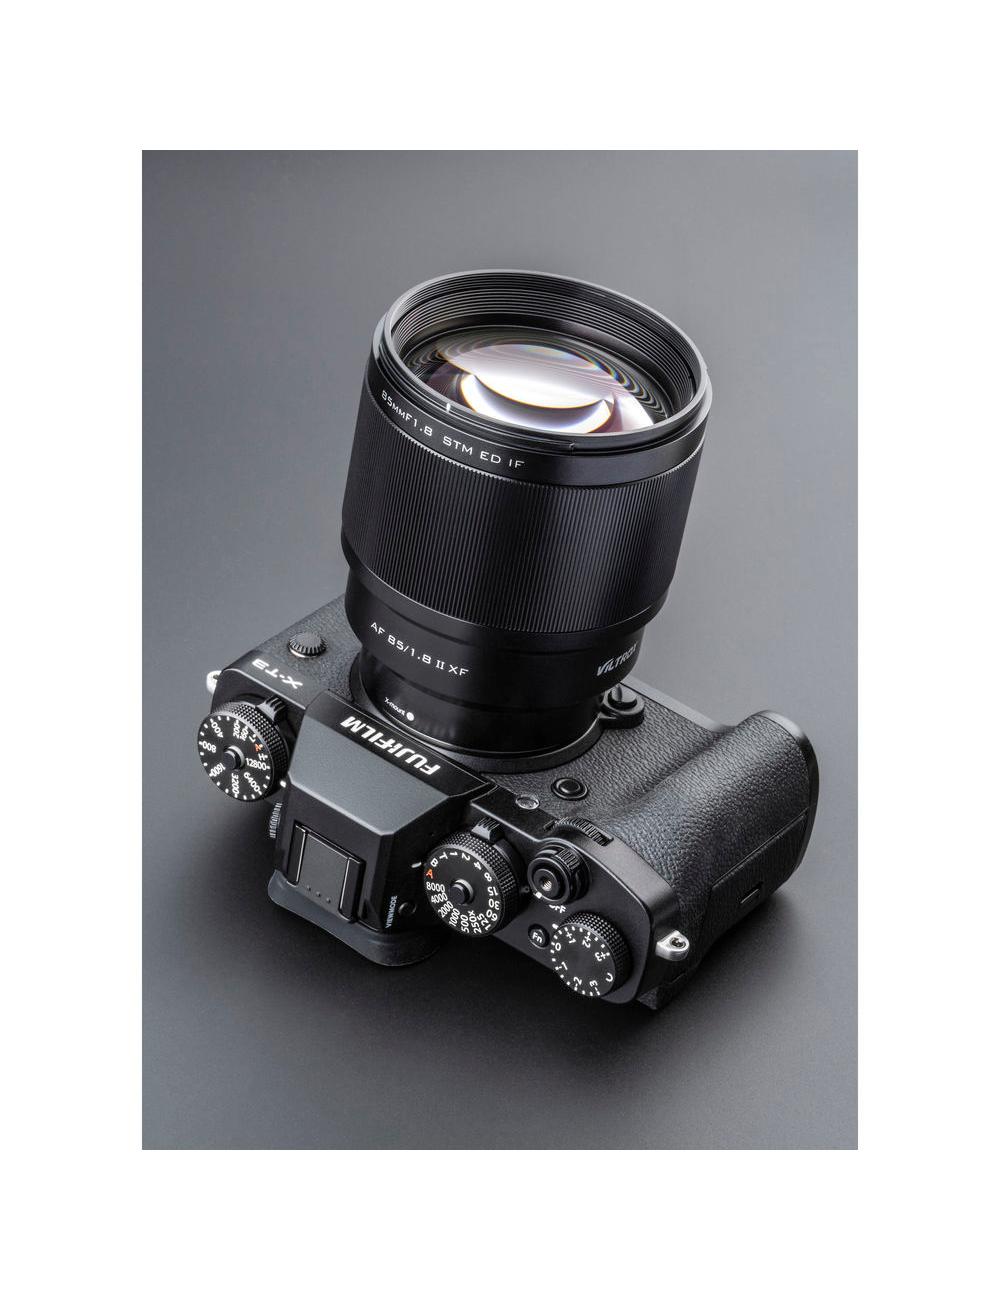 Difusor de flash Canon para CANON 380EX